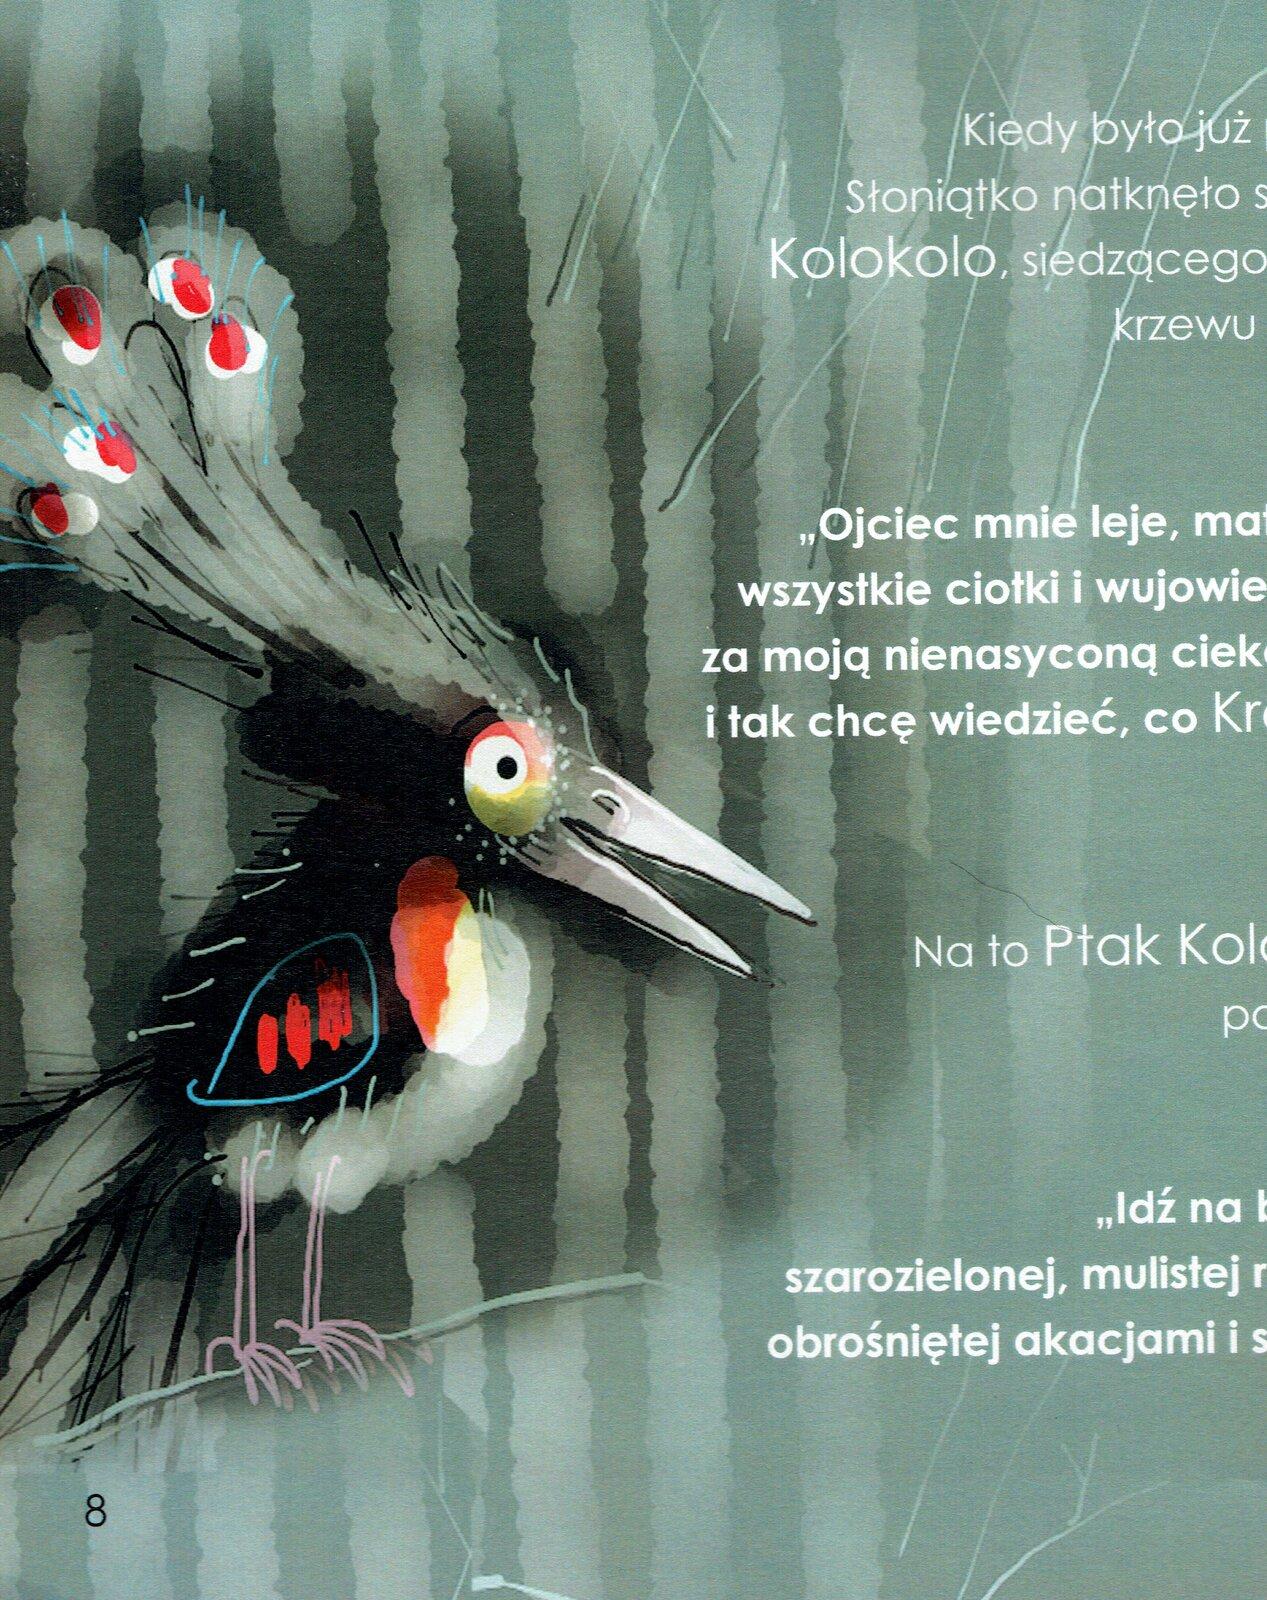 """Ilustracja przedstawia pracę Józefa Wilkonia zksiążki Rudyarda Kiplinga """"Słoniątko"""". Ukazuje ptaka zbarwnymi piórami na czubku głowy iotwartym dziobem na tle jasnych, zacienionych drzew. Obok znajduje się fragment tekstu."""